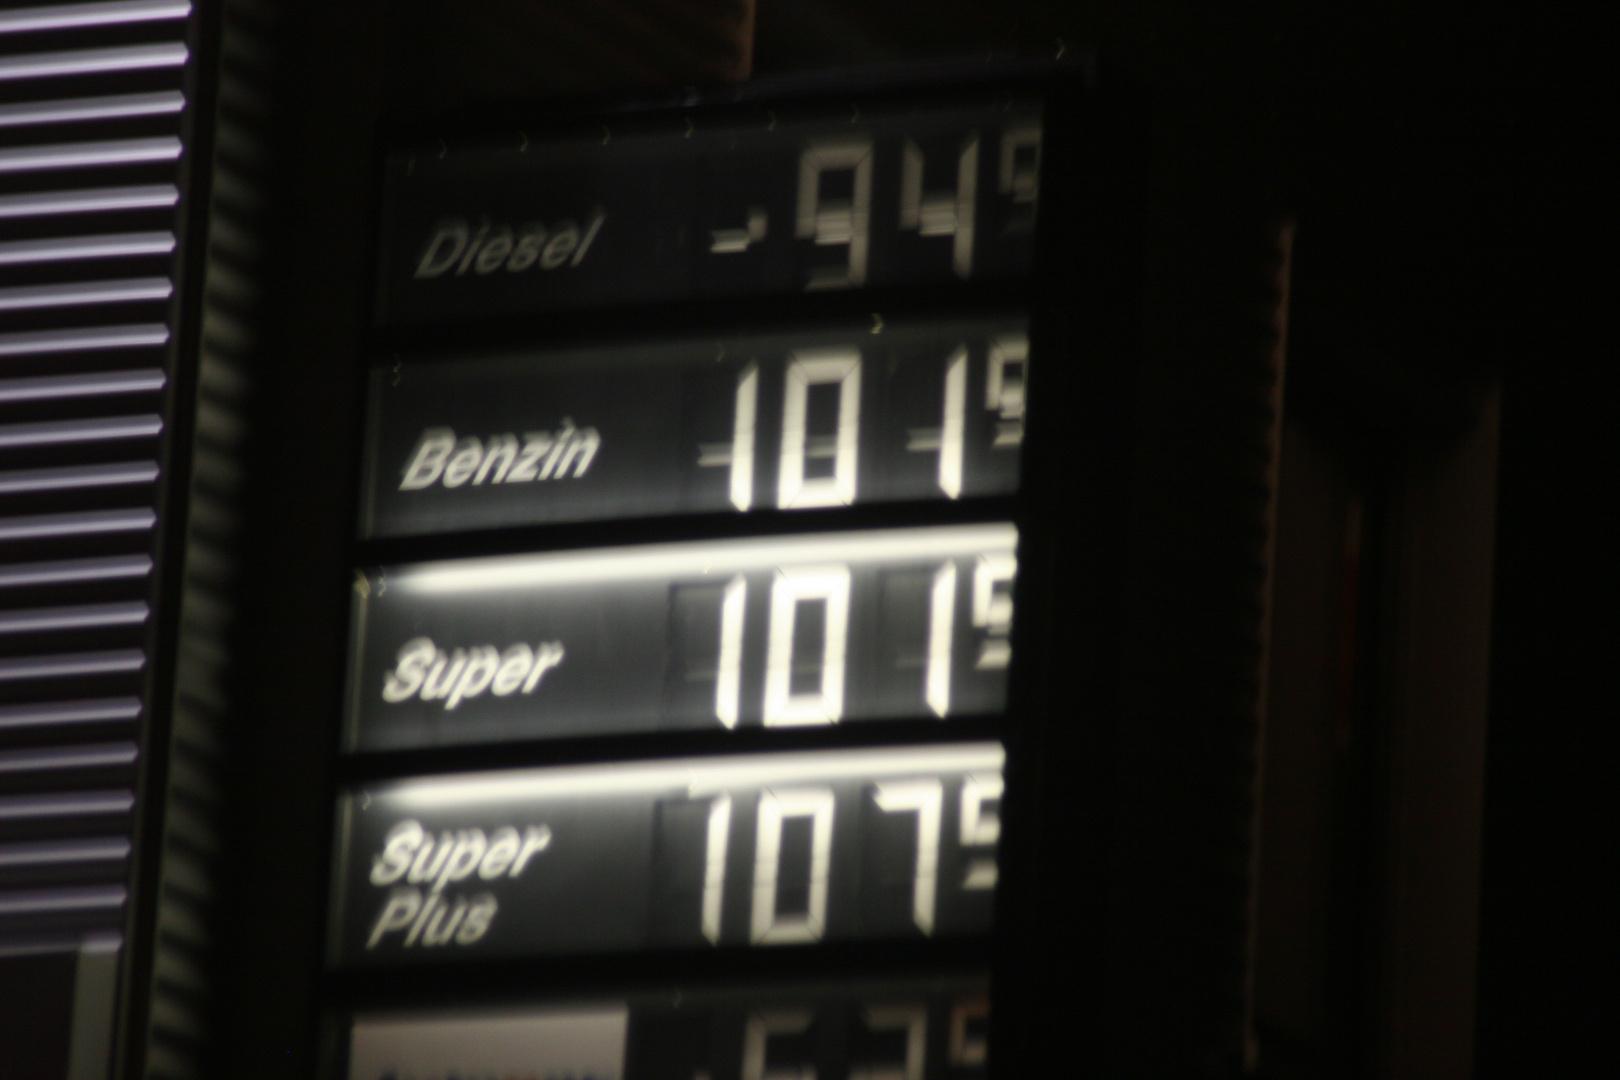 Benzinpreis 31.12.2008